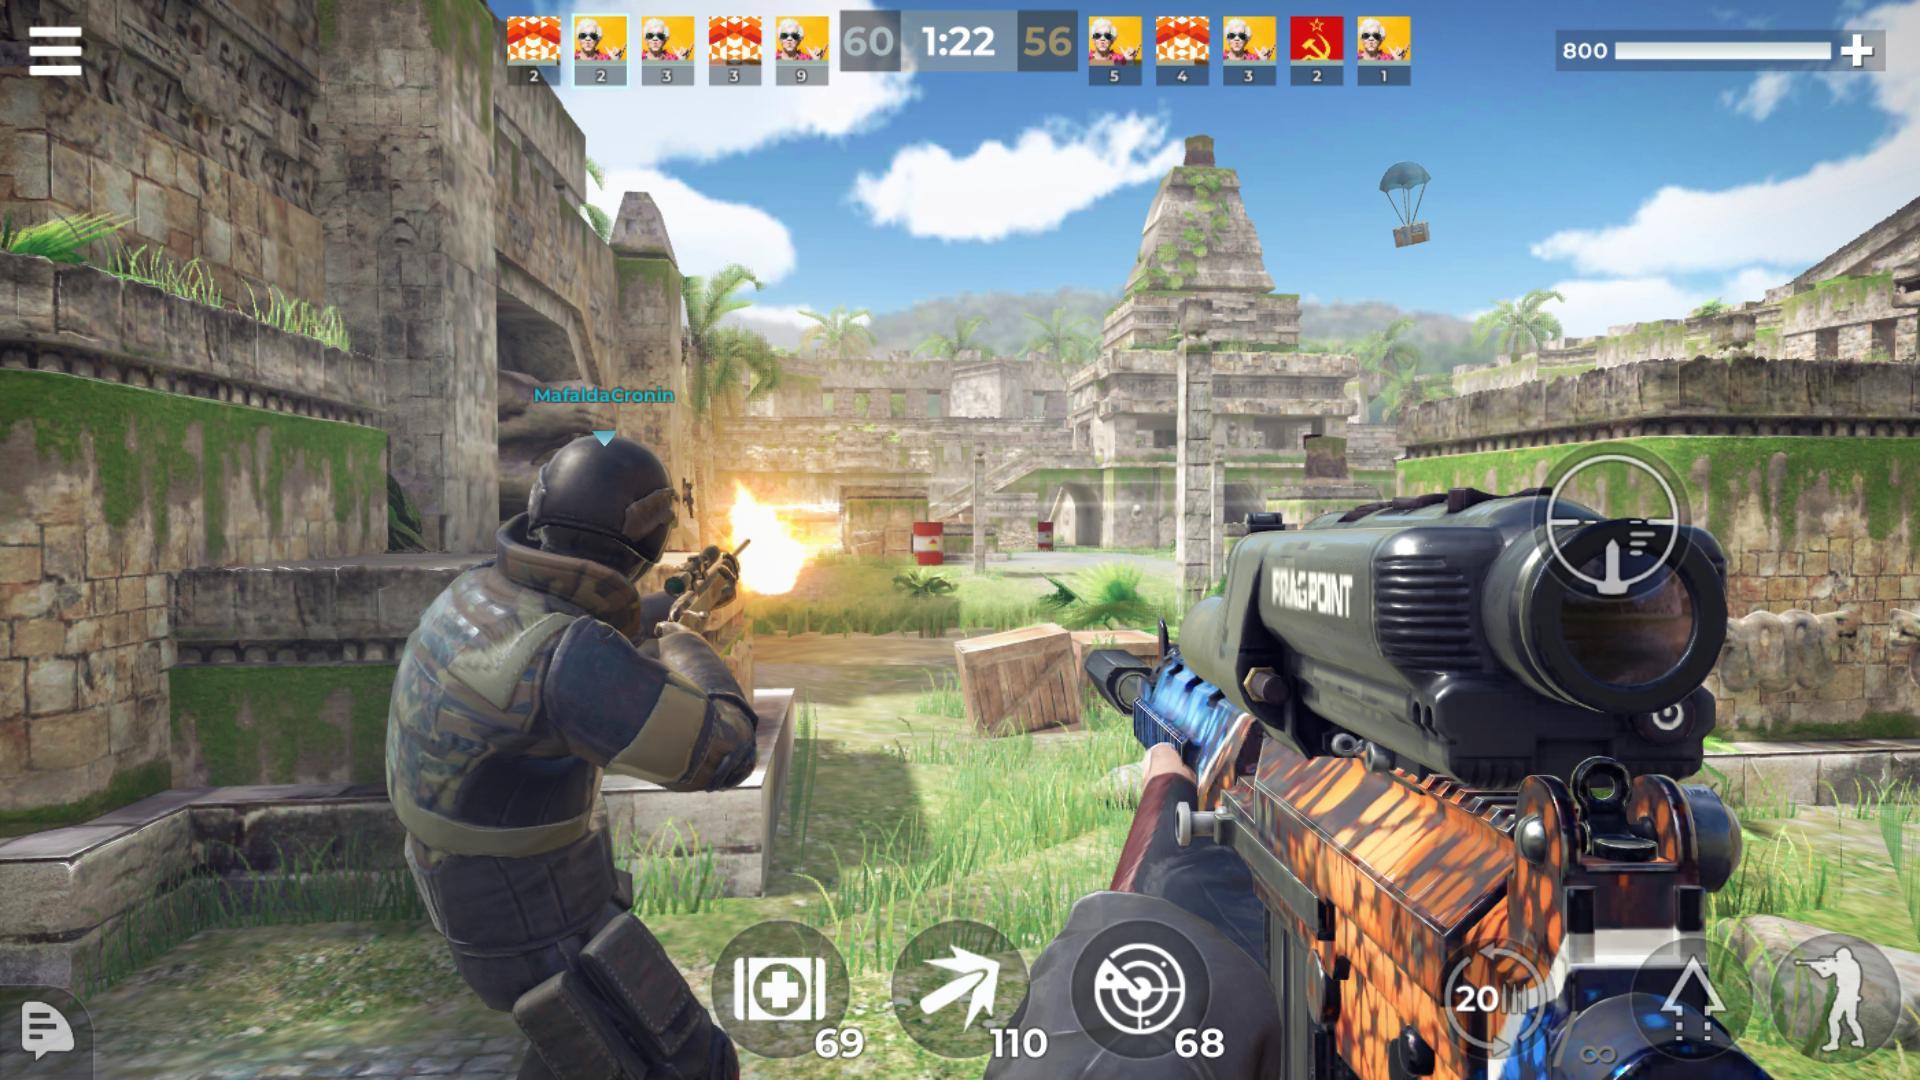 《AWP 模式》:精英级在线 3D 狙击动作游戏 游戏截图2